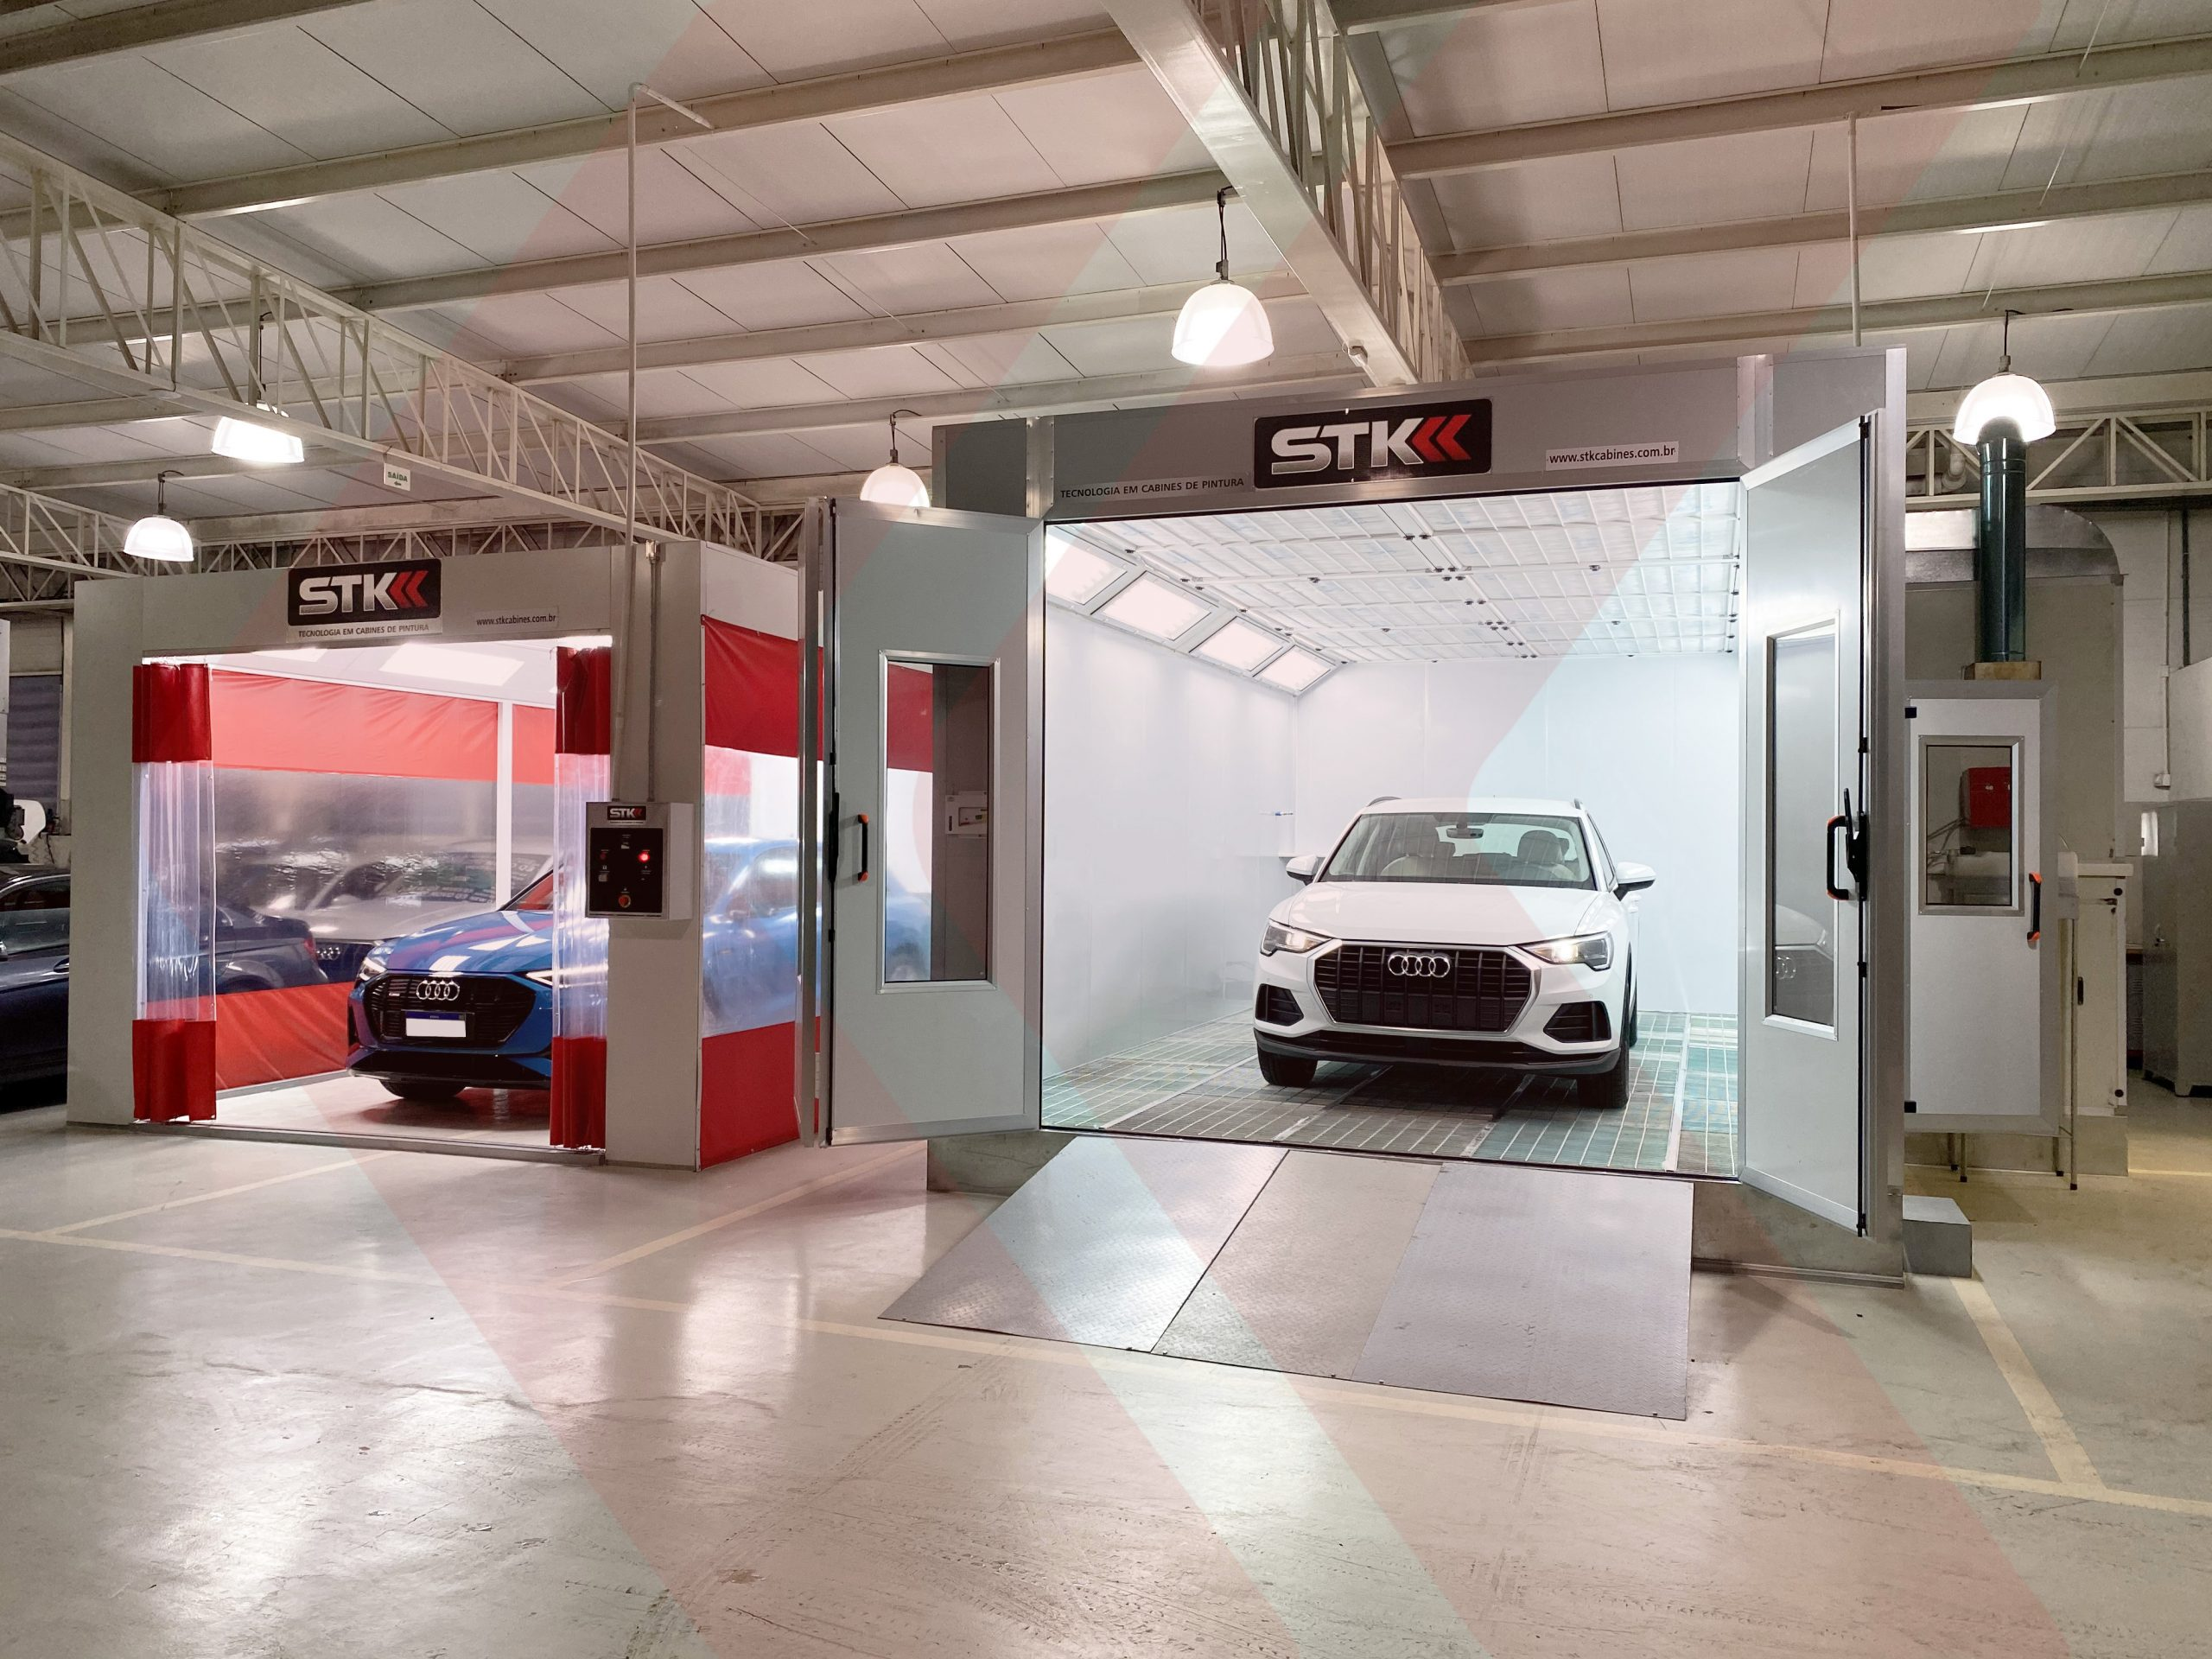 cabine de pintura automotiva e área de preparação